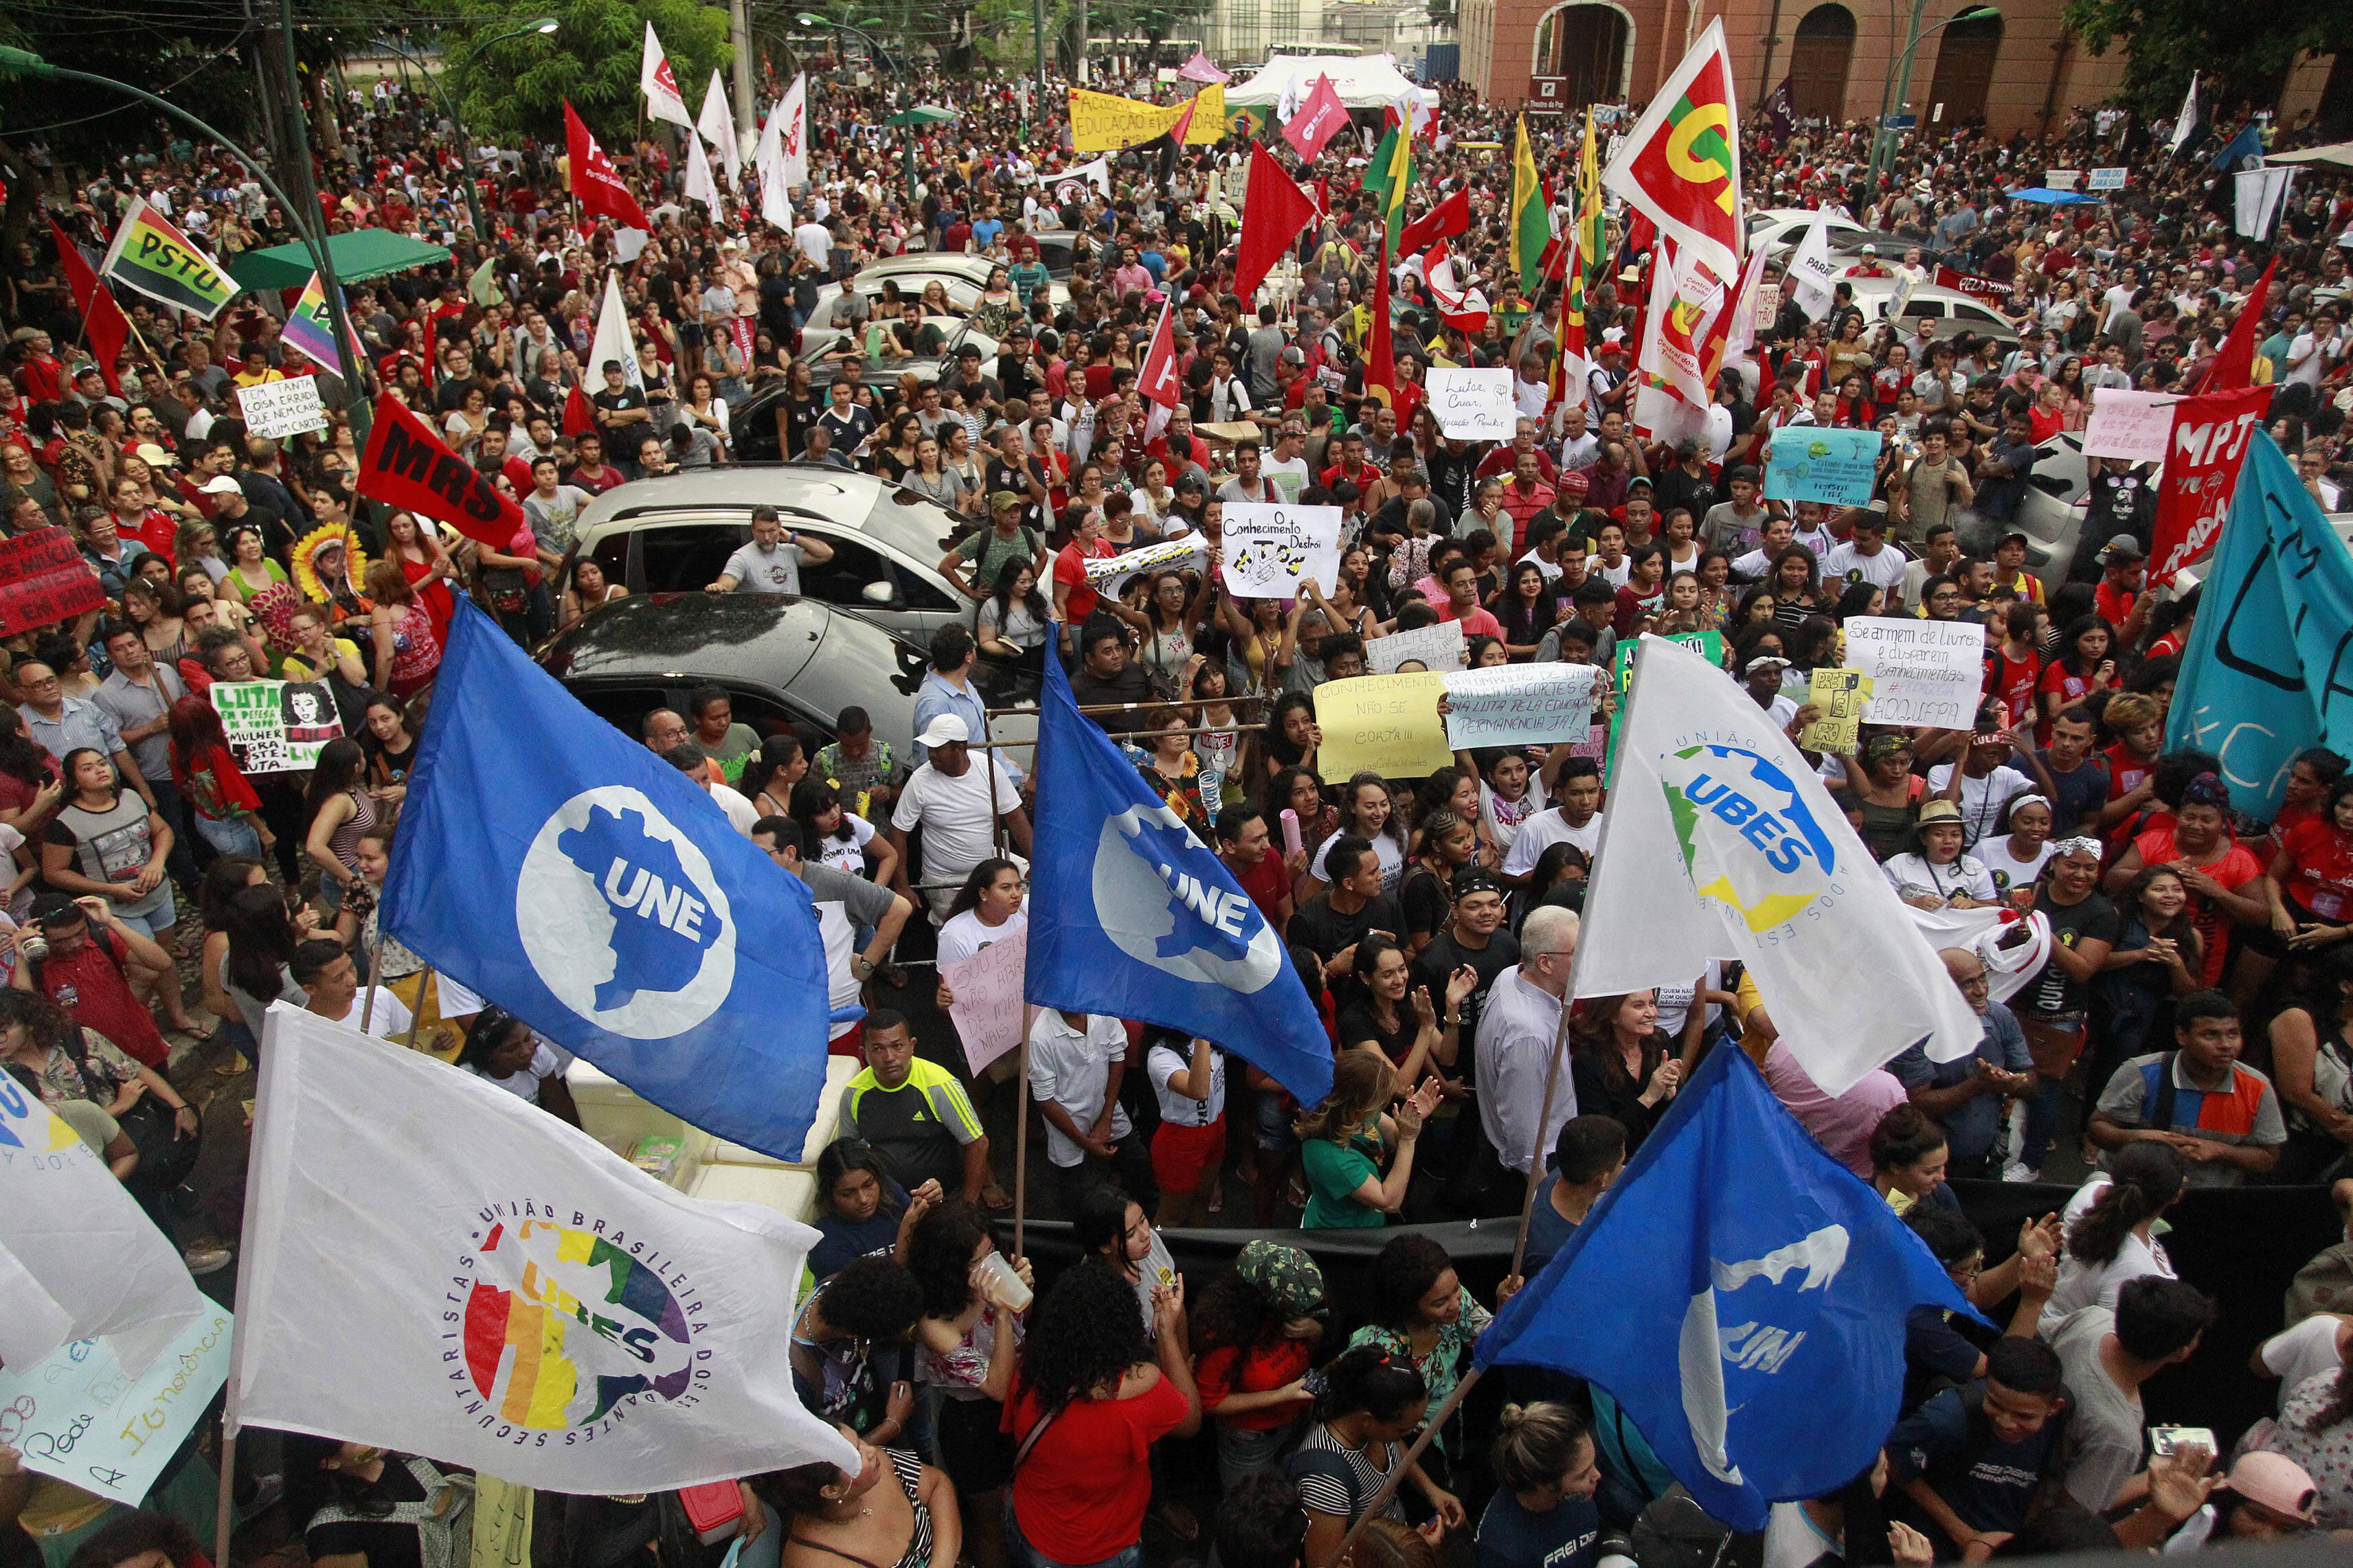 Manifestantes protestam na praça da Republica, em Belém, contra os cortes na educação propostos pelo governo. Foto: Raimundo Paccó/FramePhoto/Agência O Globo - 30.5.19